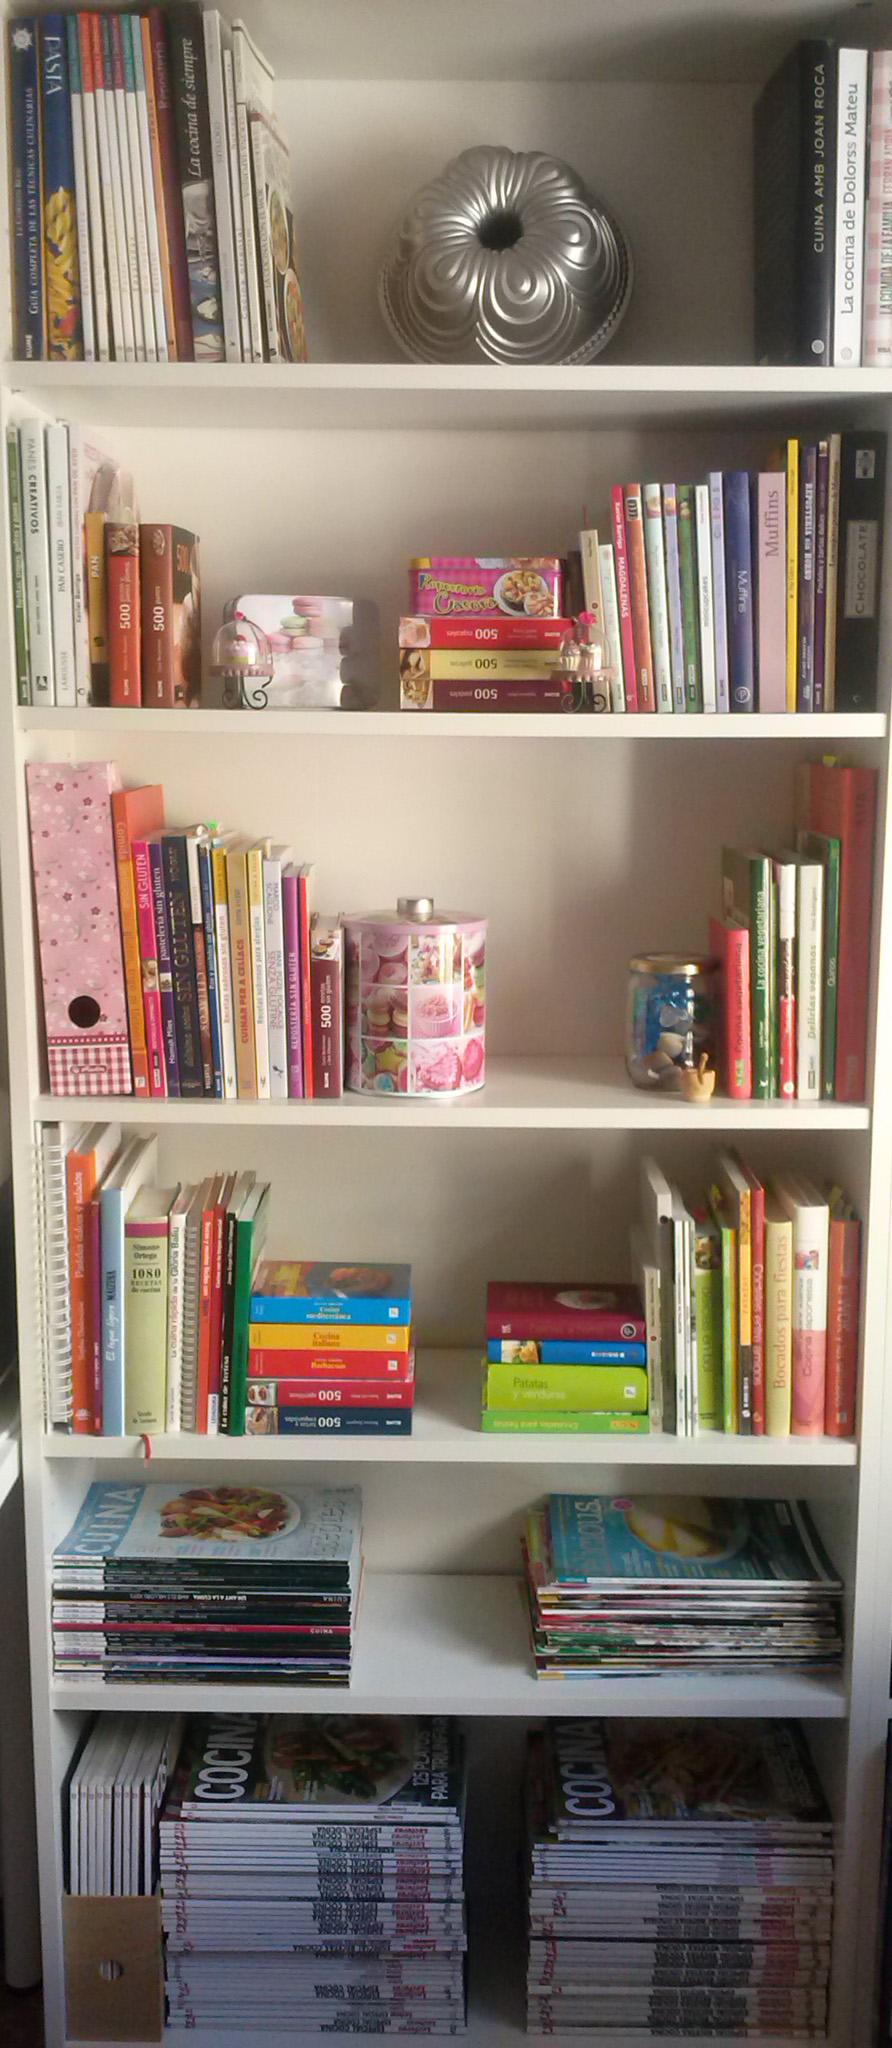 libros-cocina_2015_glutoniana